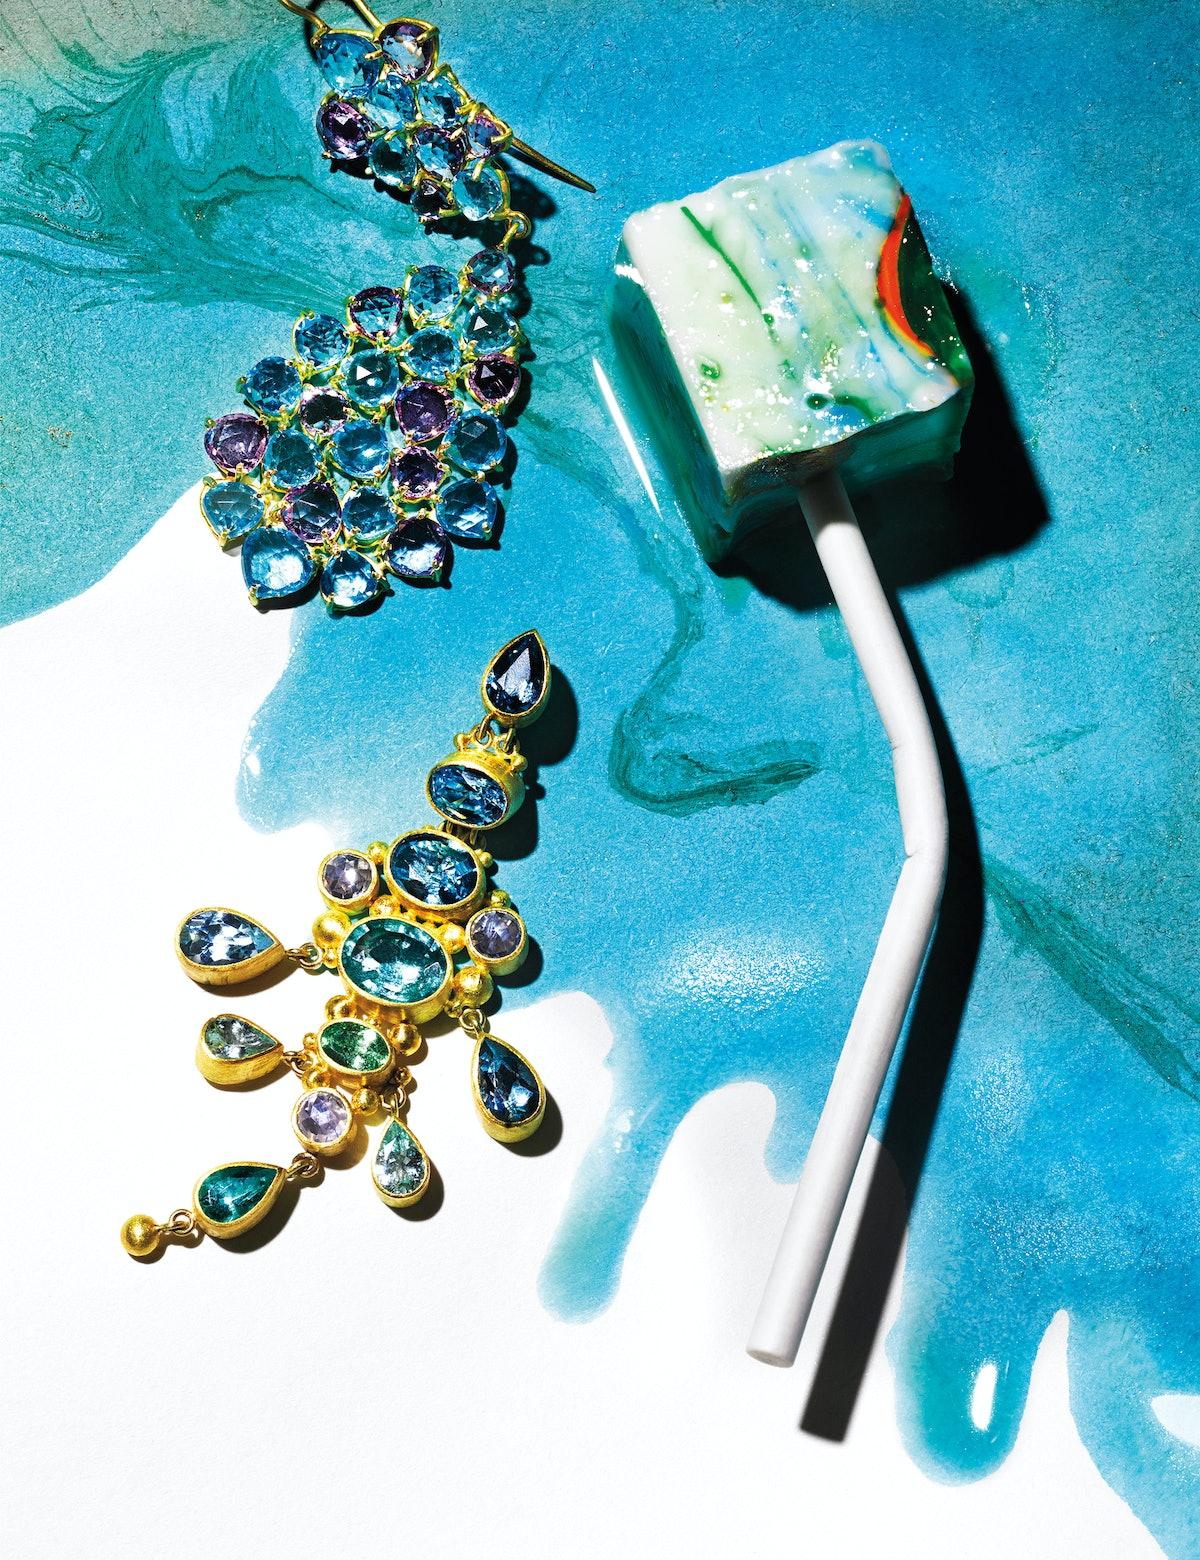 Candy Colored Accessories, Marie-Hélène De Taillac